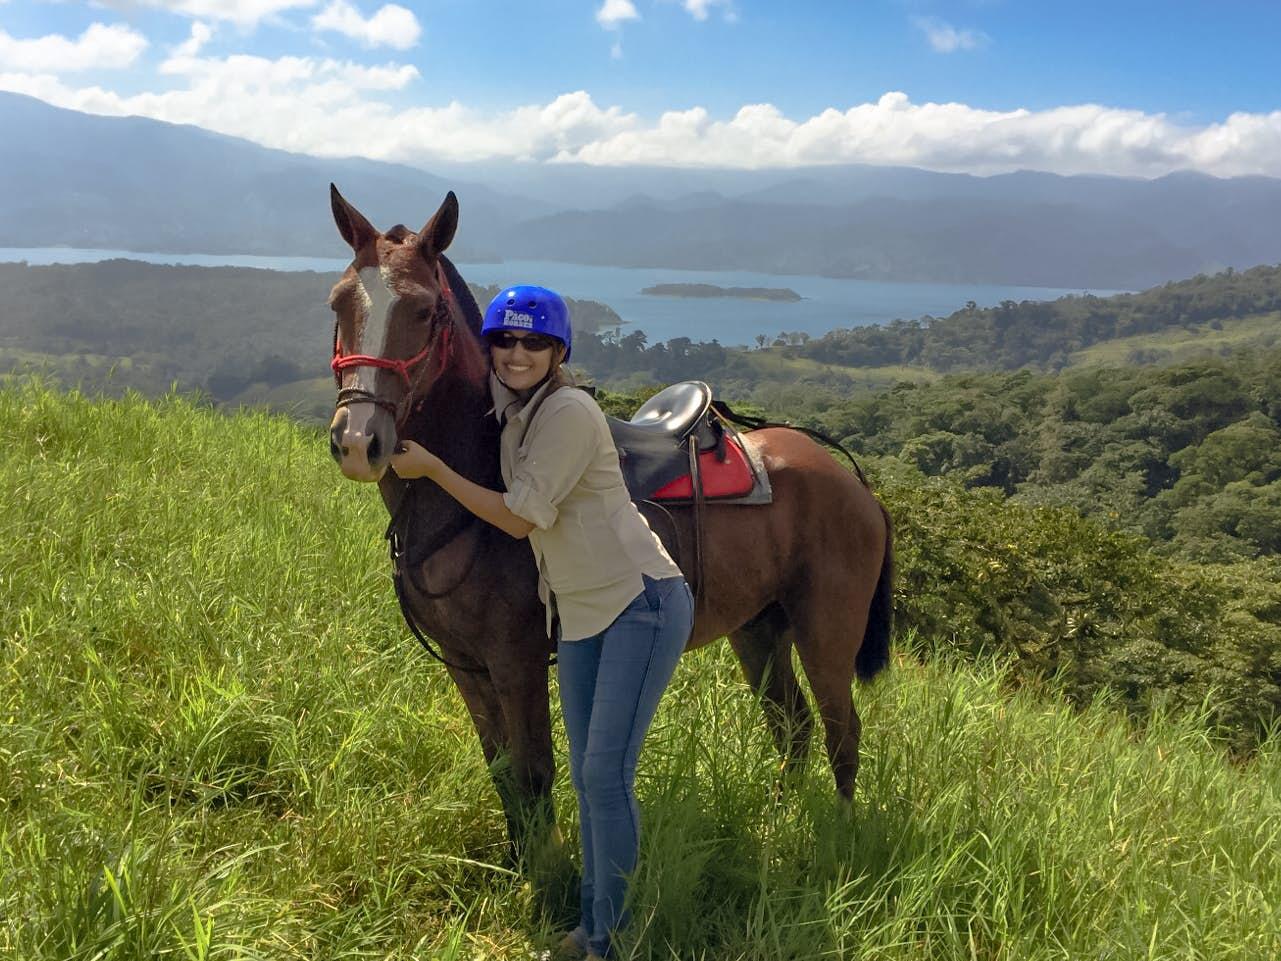 Pacos Horses Tour at Mistico Park.